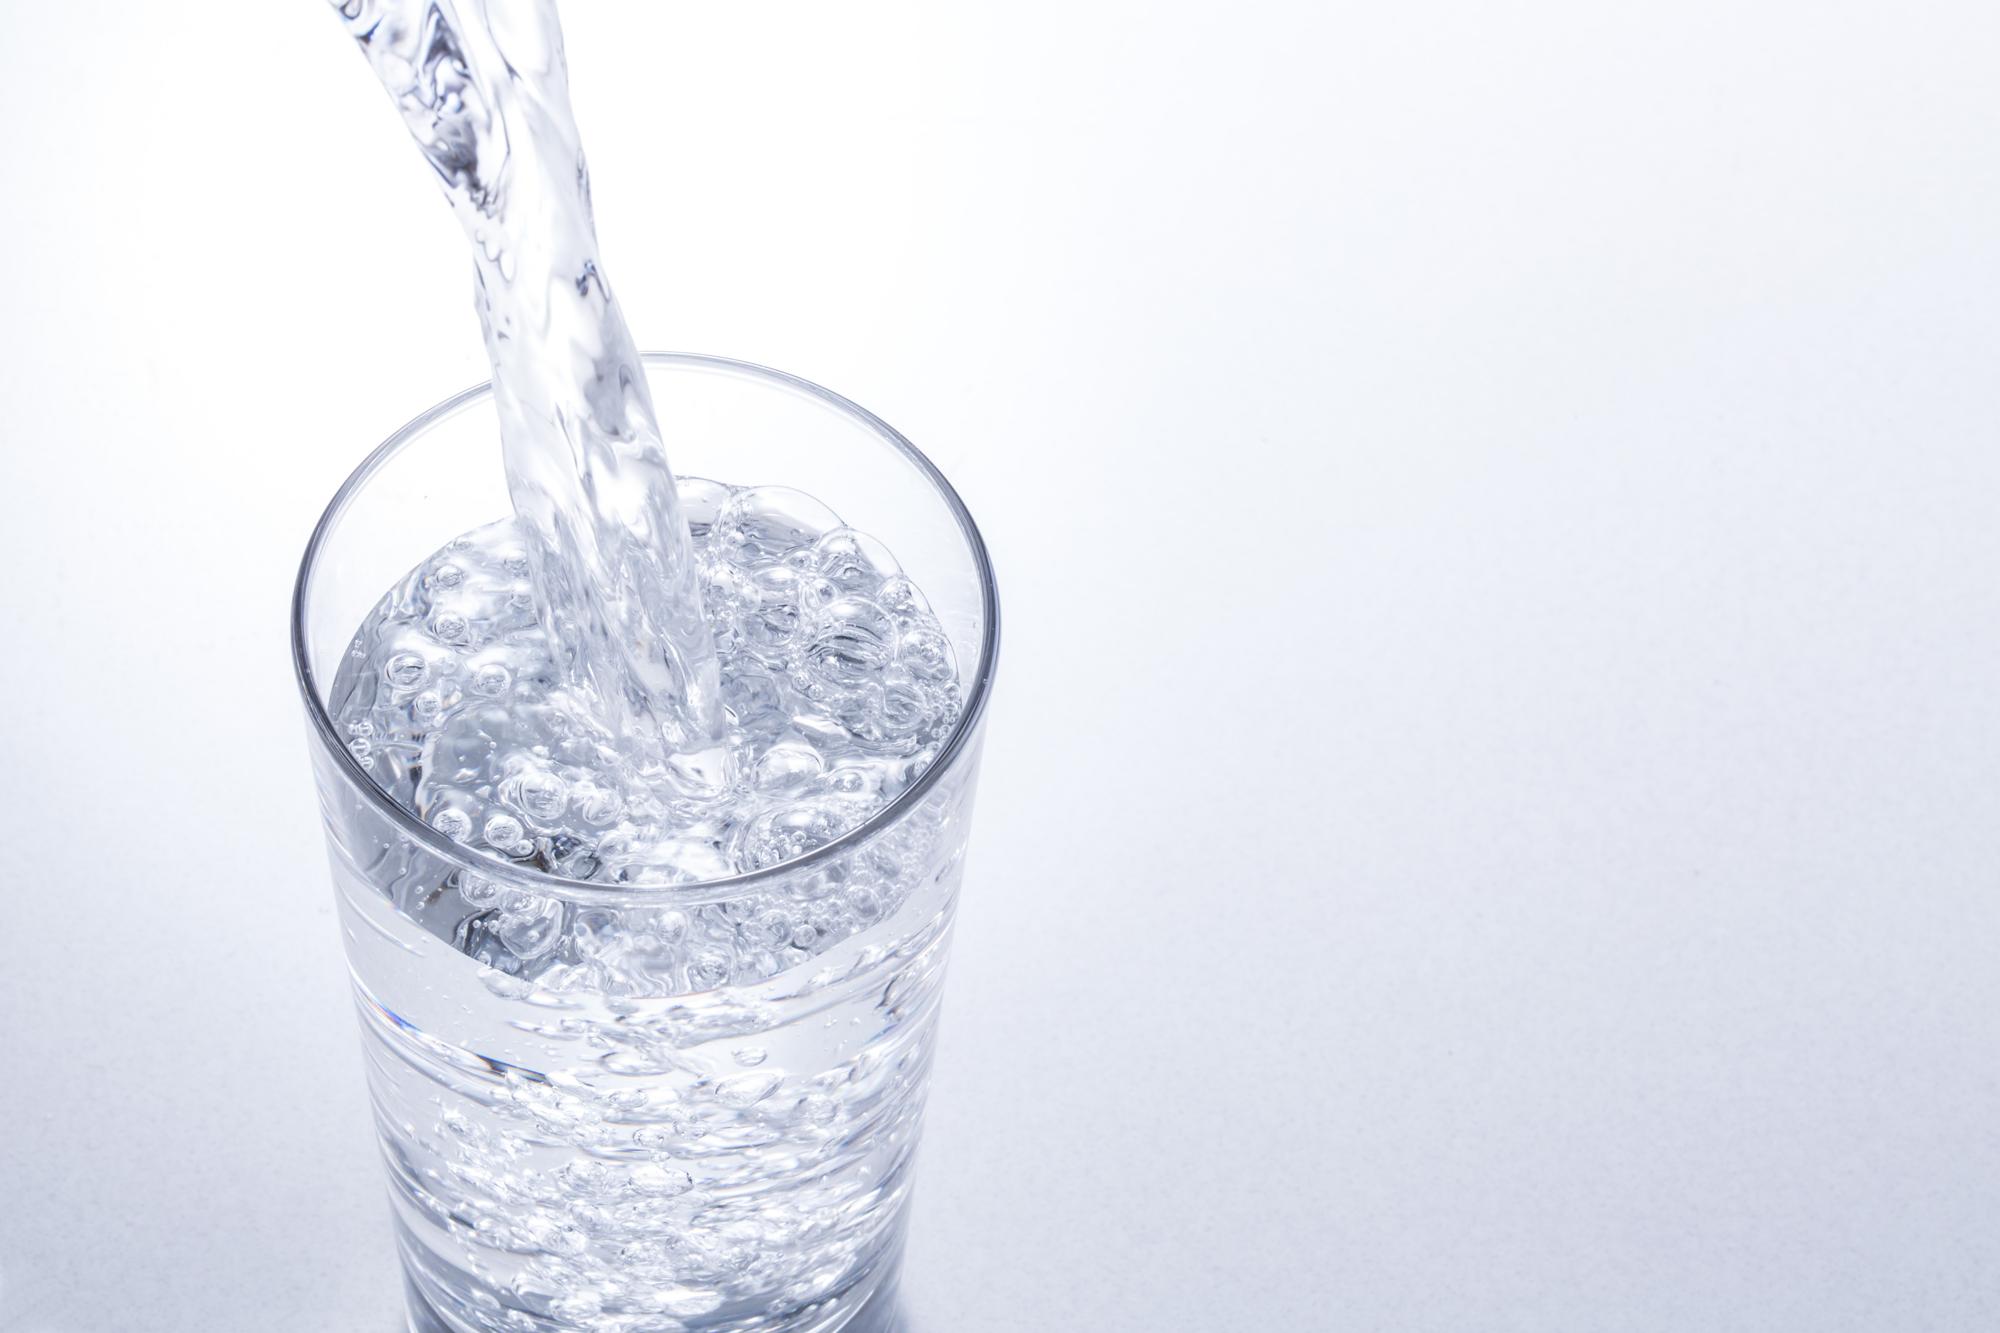 水が注がれるコップ